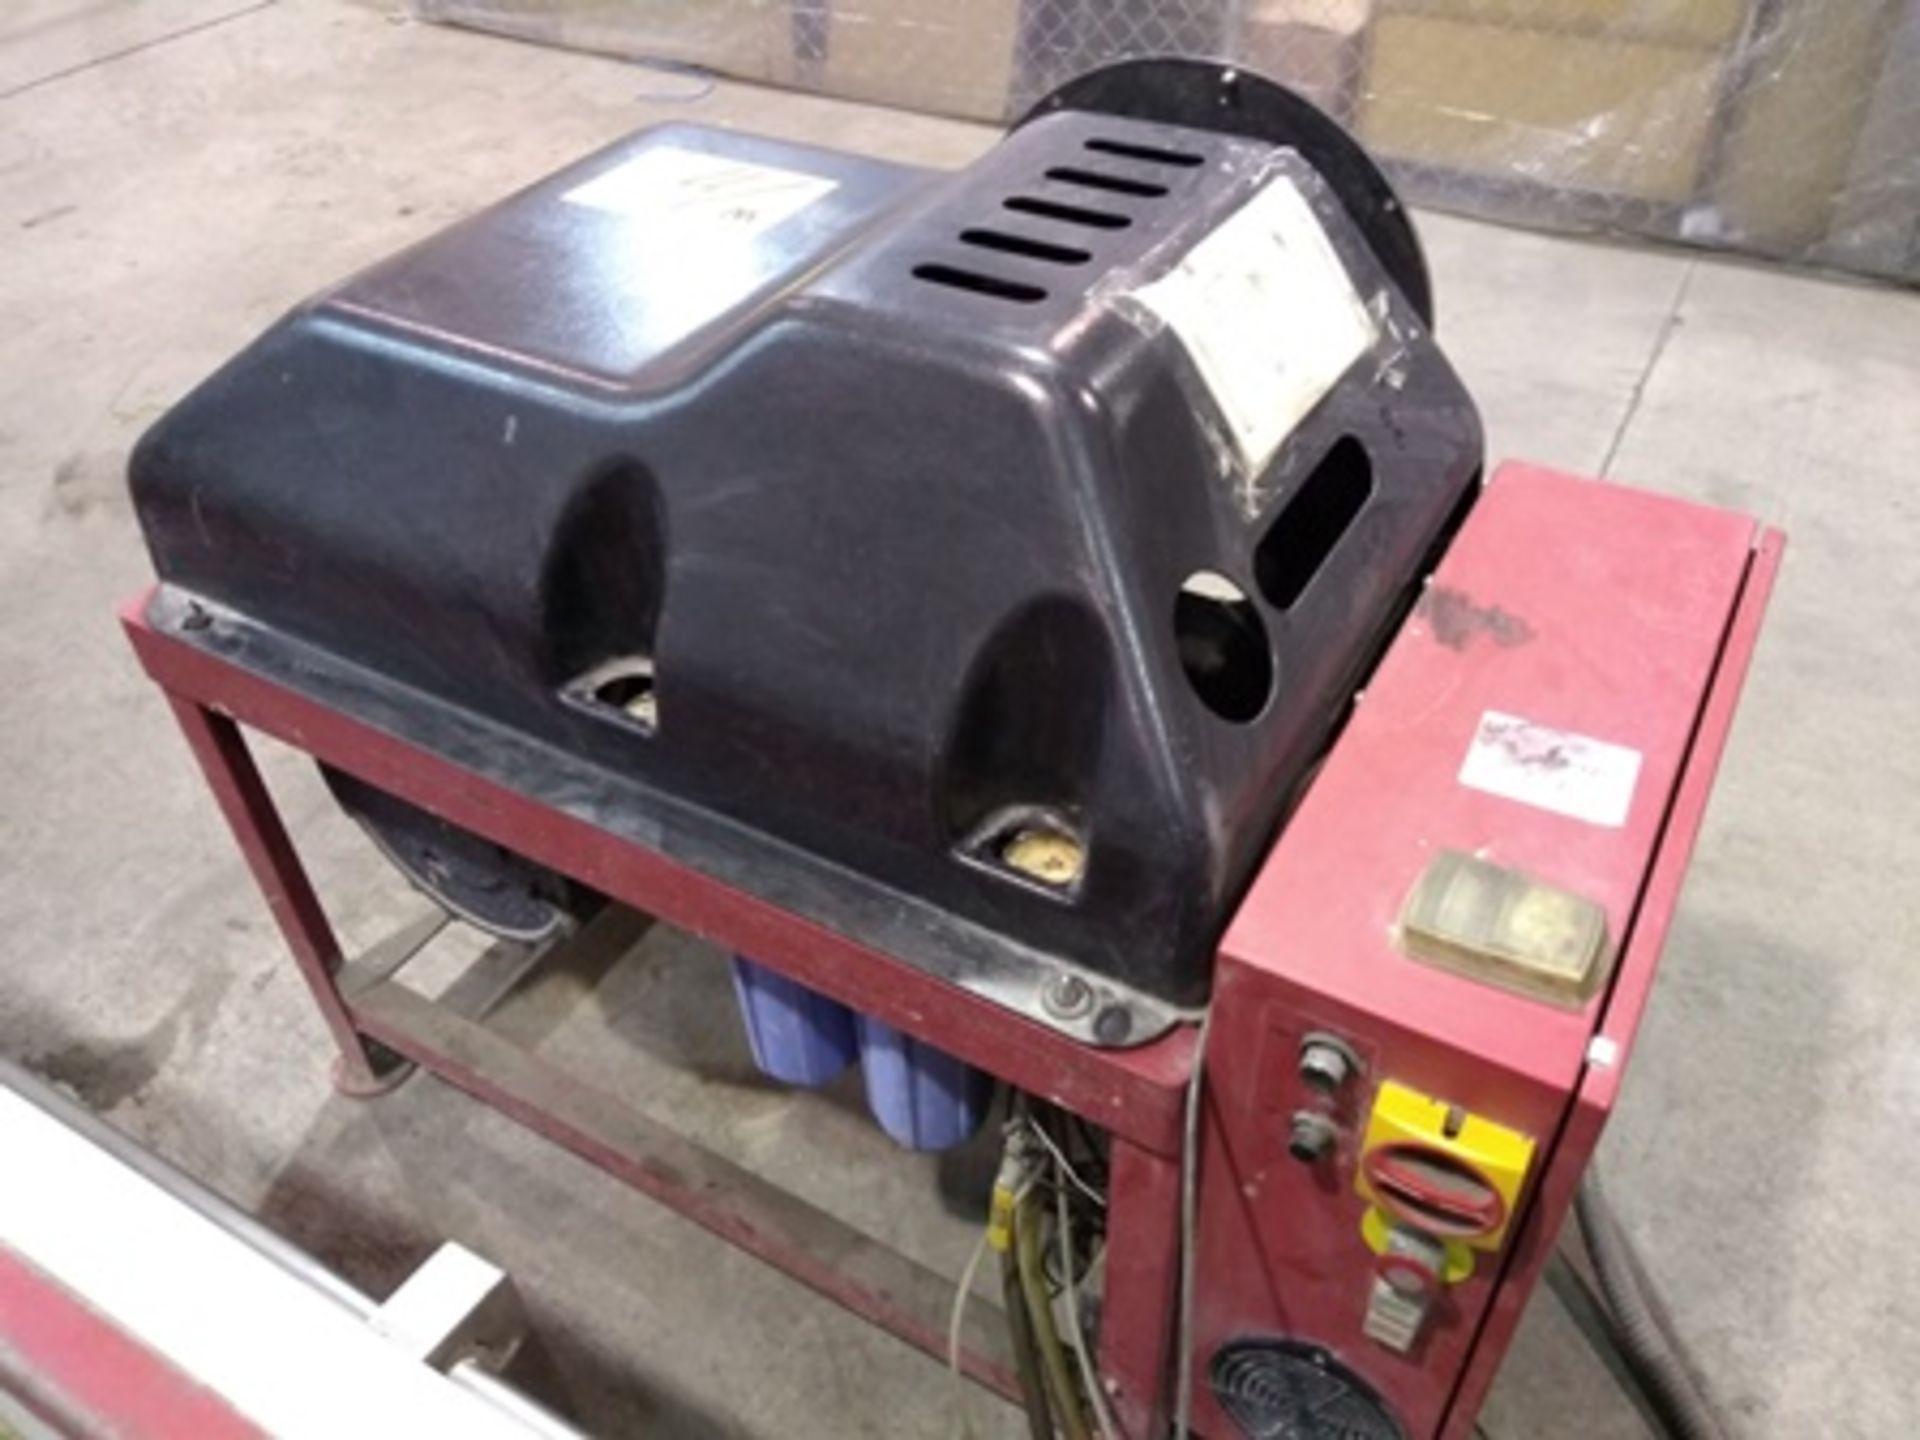 Lot 11 - 2011 OMAX MAXIEM 1530 WATER JET, CNC CUTTING MACHINE, Work Area 5'x10' & PSI Rating: 50,000 PSI